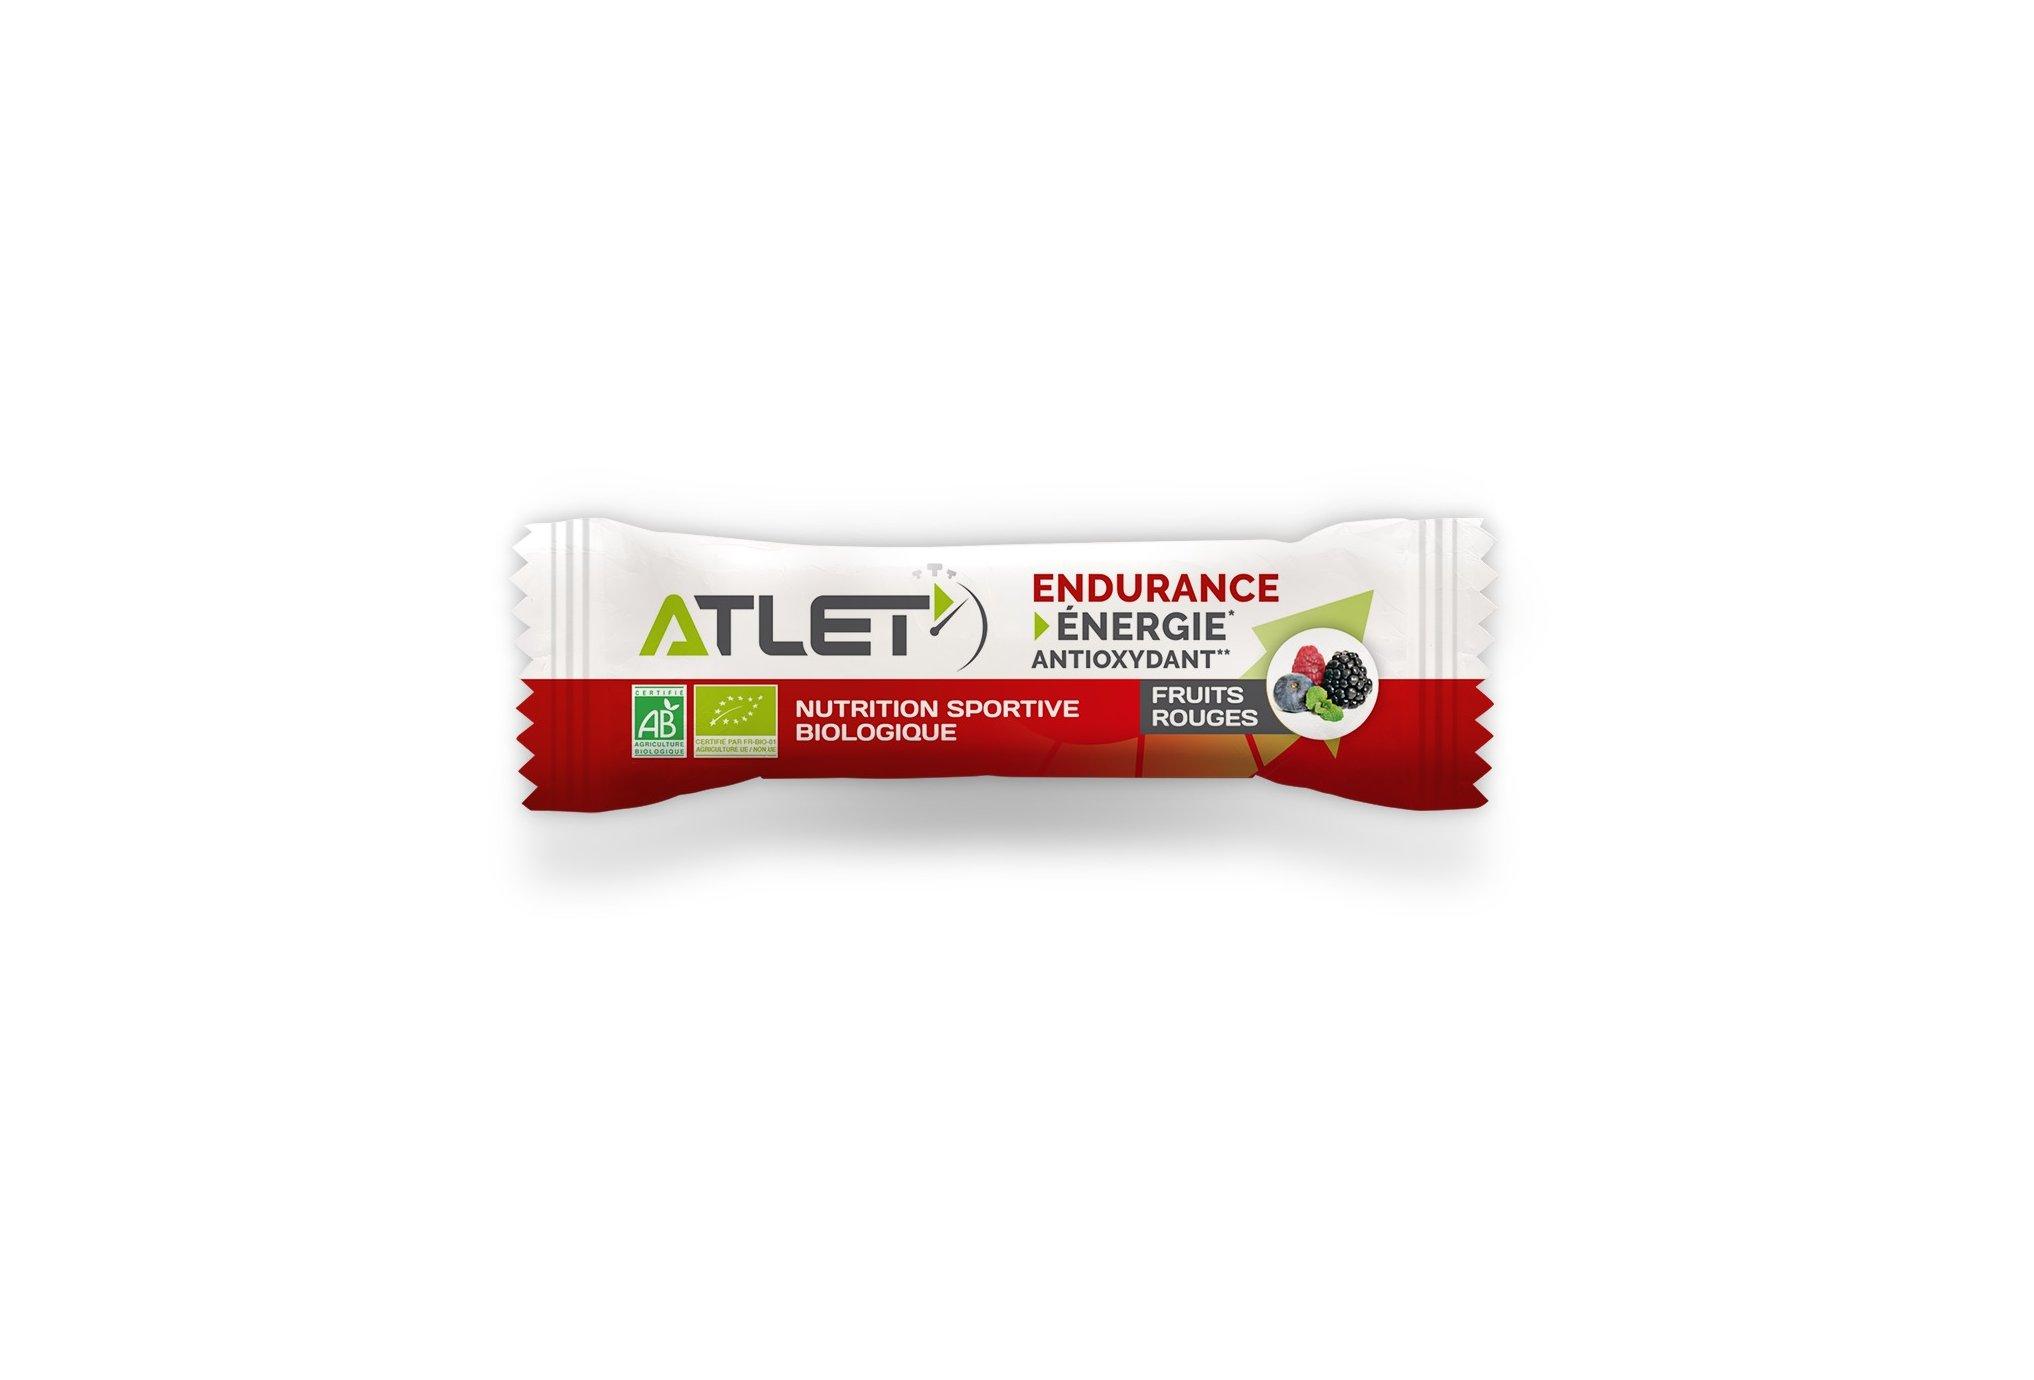 Atlet Barre Énergétique Endurance - Fruits Rouges Diététique Barres